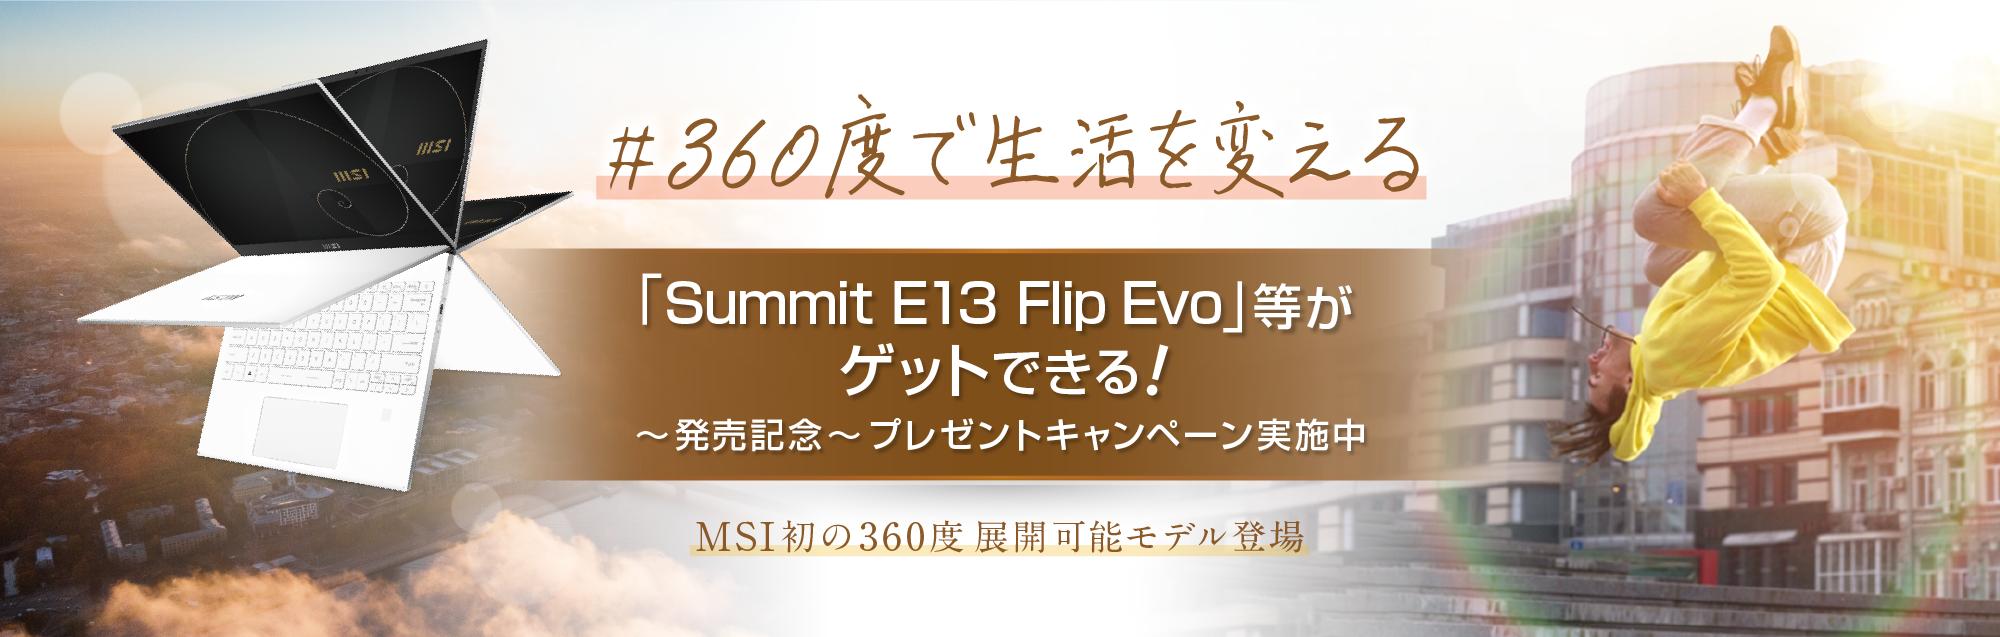 Summit E13プレゼントキャンペーン